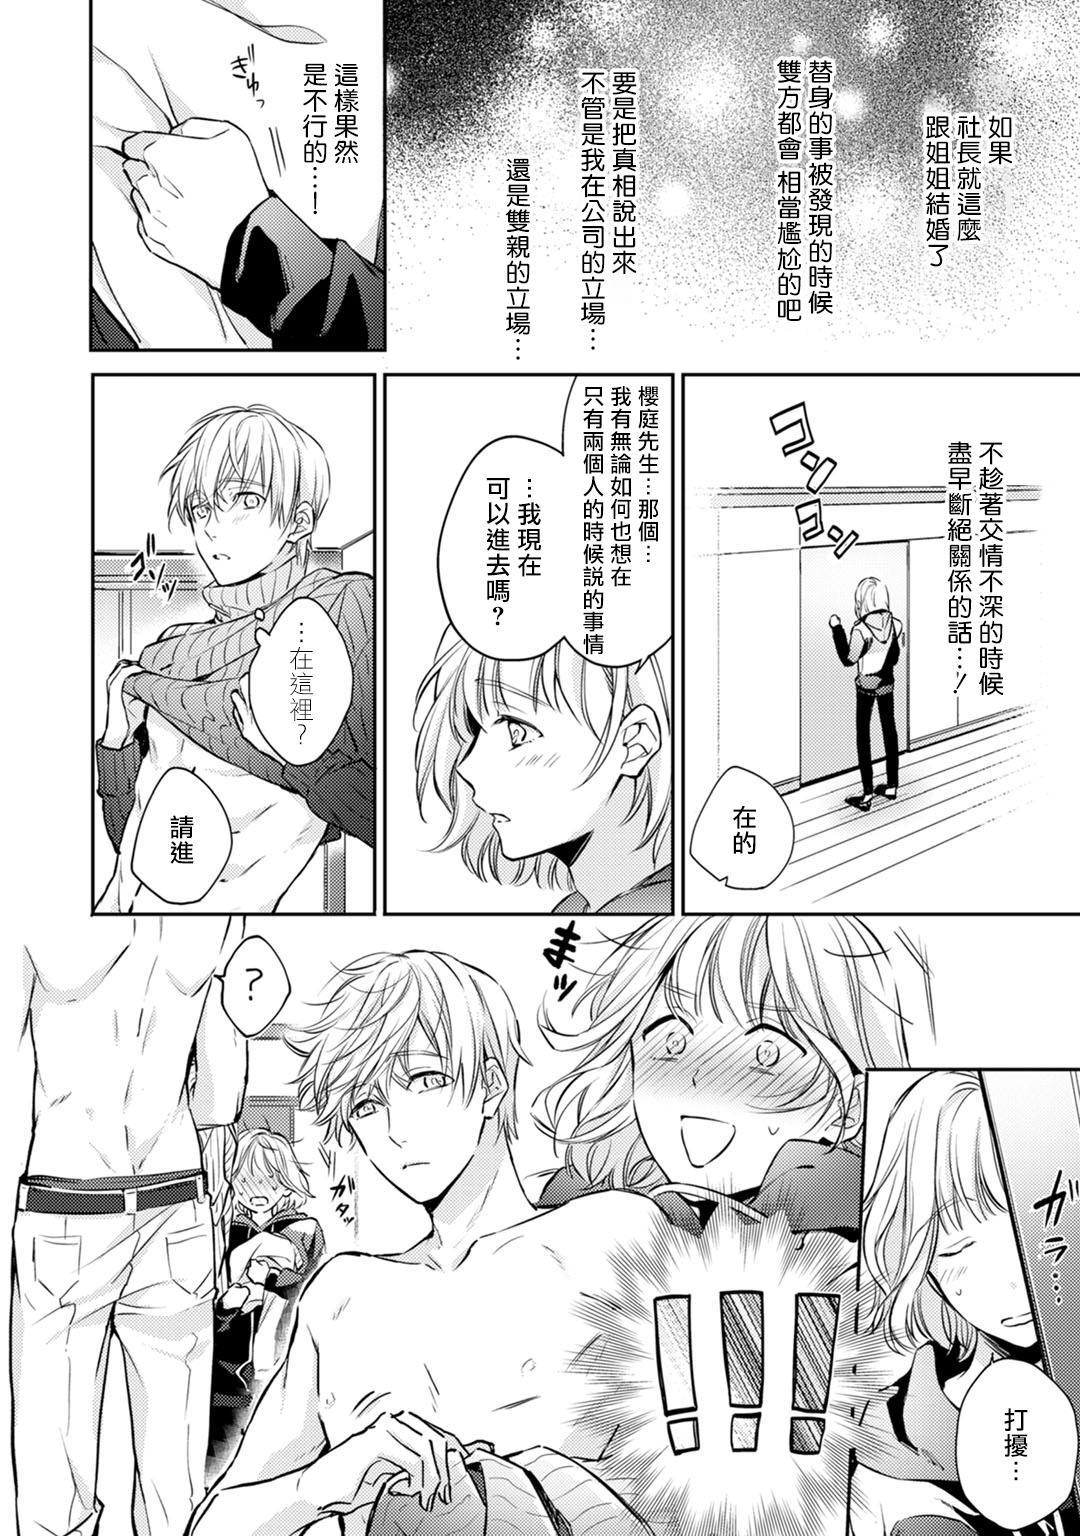 [Shichigatsu Motomi]  Sonna Kao shite, Sasotteru? ~Dekiai Shachou to Migawari Omiaikekkon!?~ 1-11  這種表情,在誘惑我嗎?~溺愛社長和替身相親結婚!? [Chinese] [拾荒者汉化组] 42